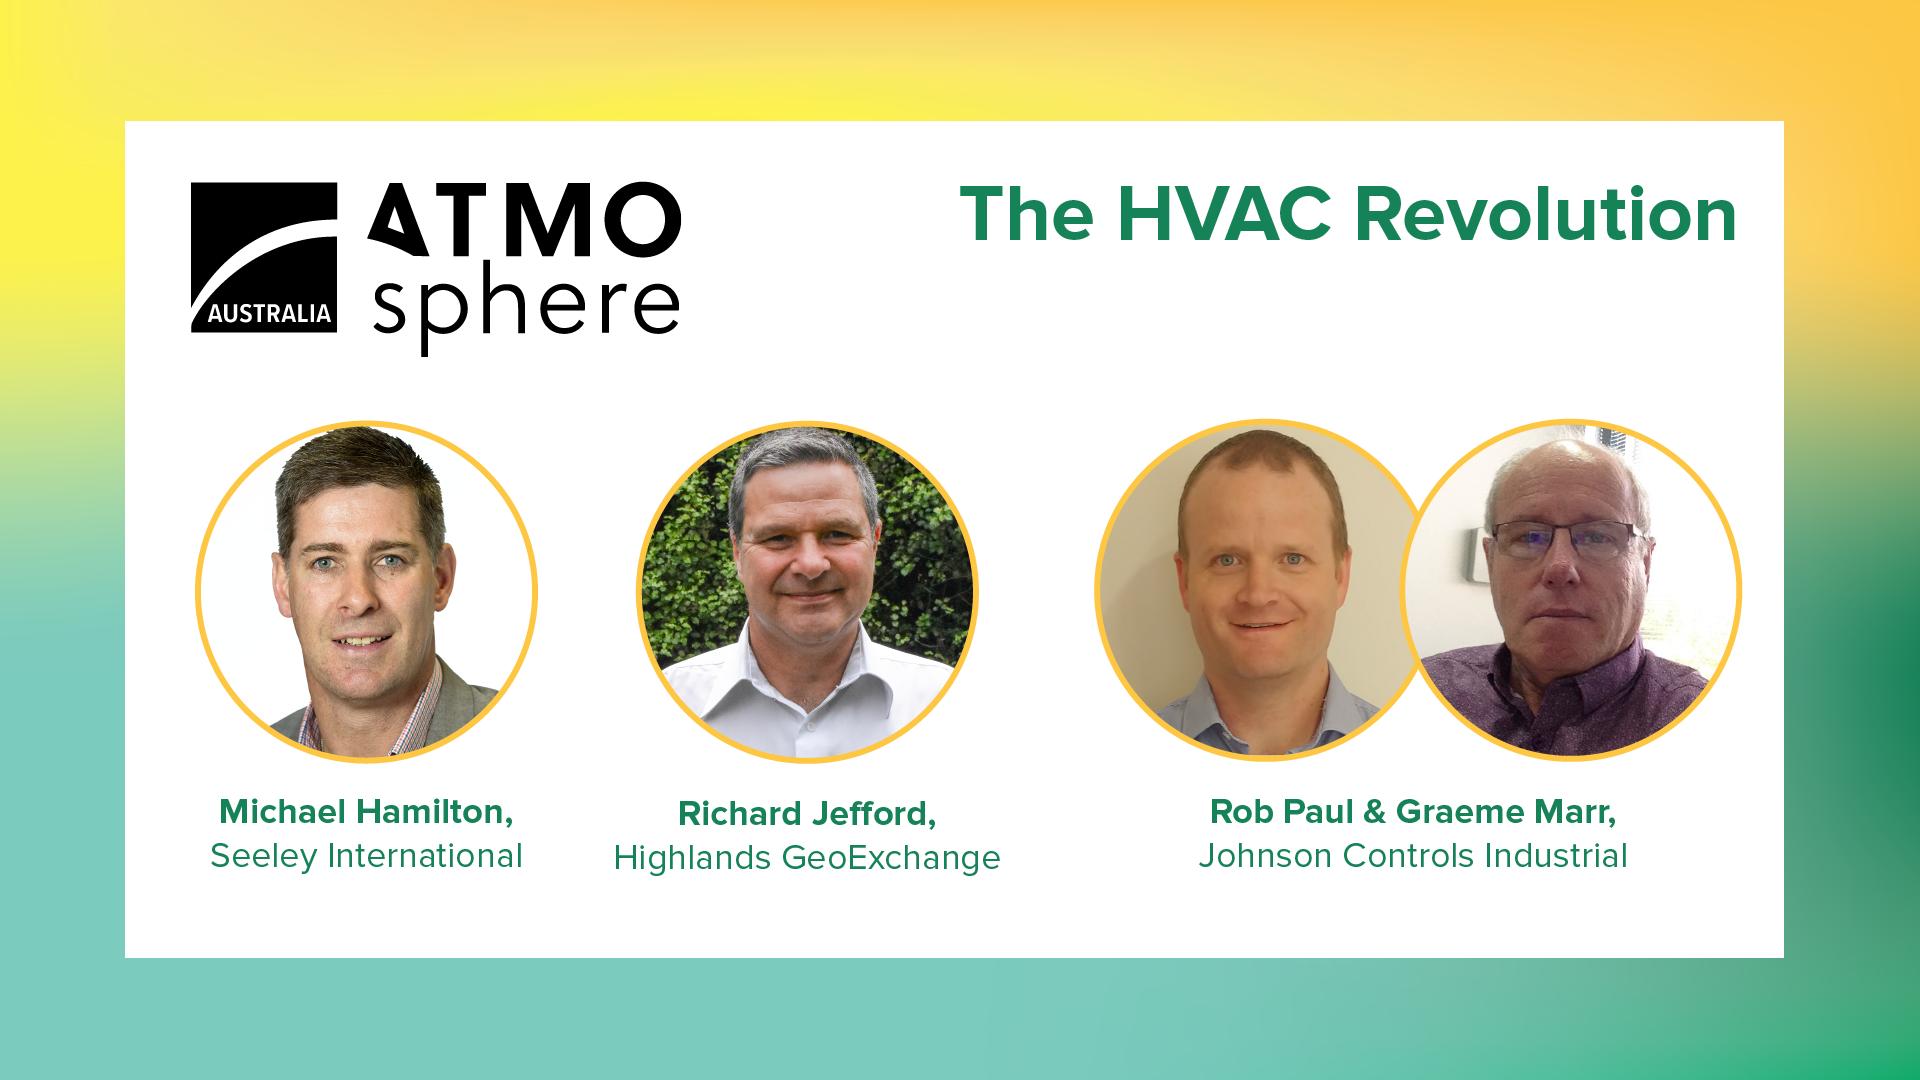 AMTO Australia - The HVAC Revolution